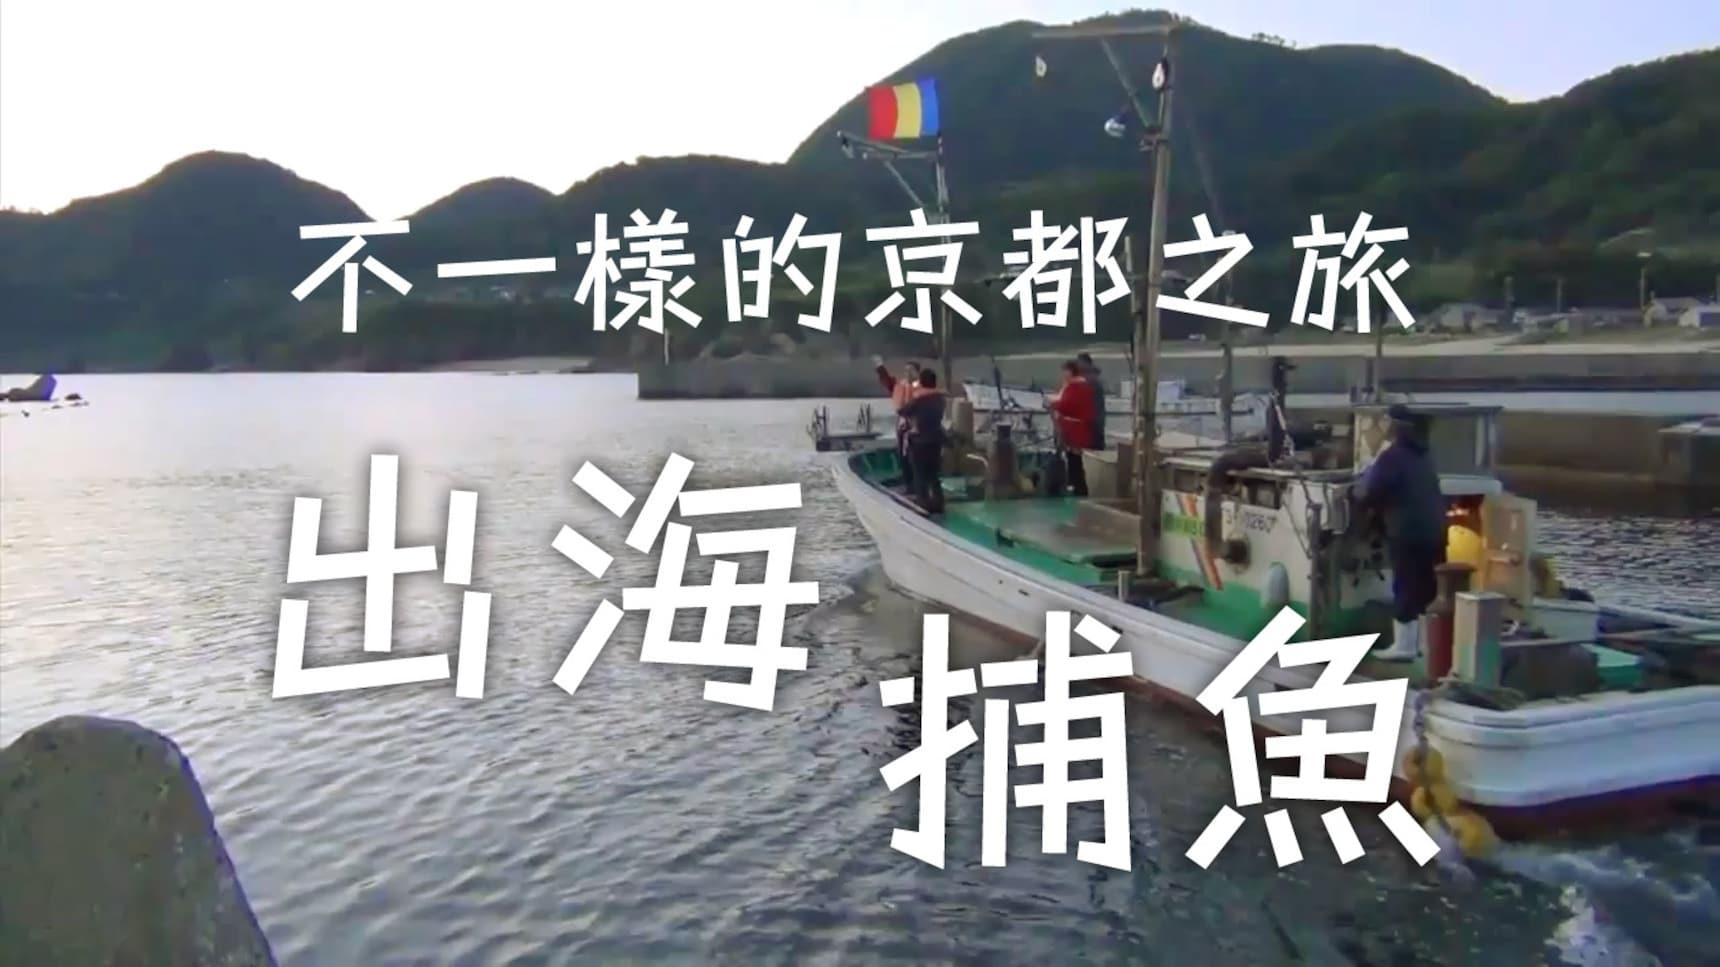 随我出海捕条大鱼 | 吹着海风的不寻常京都之旅